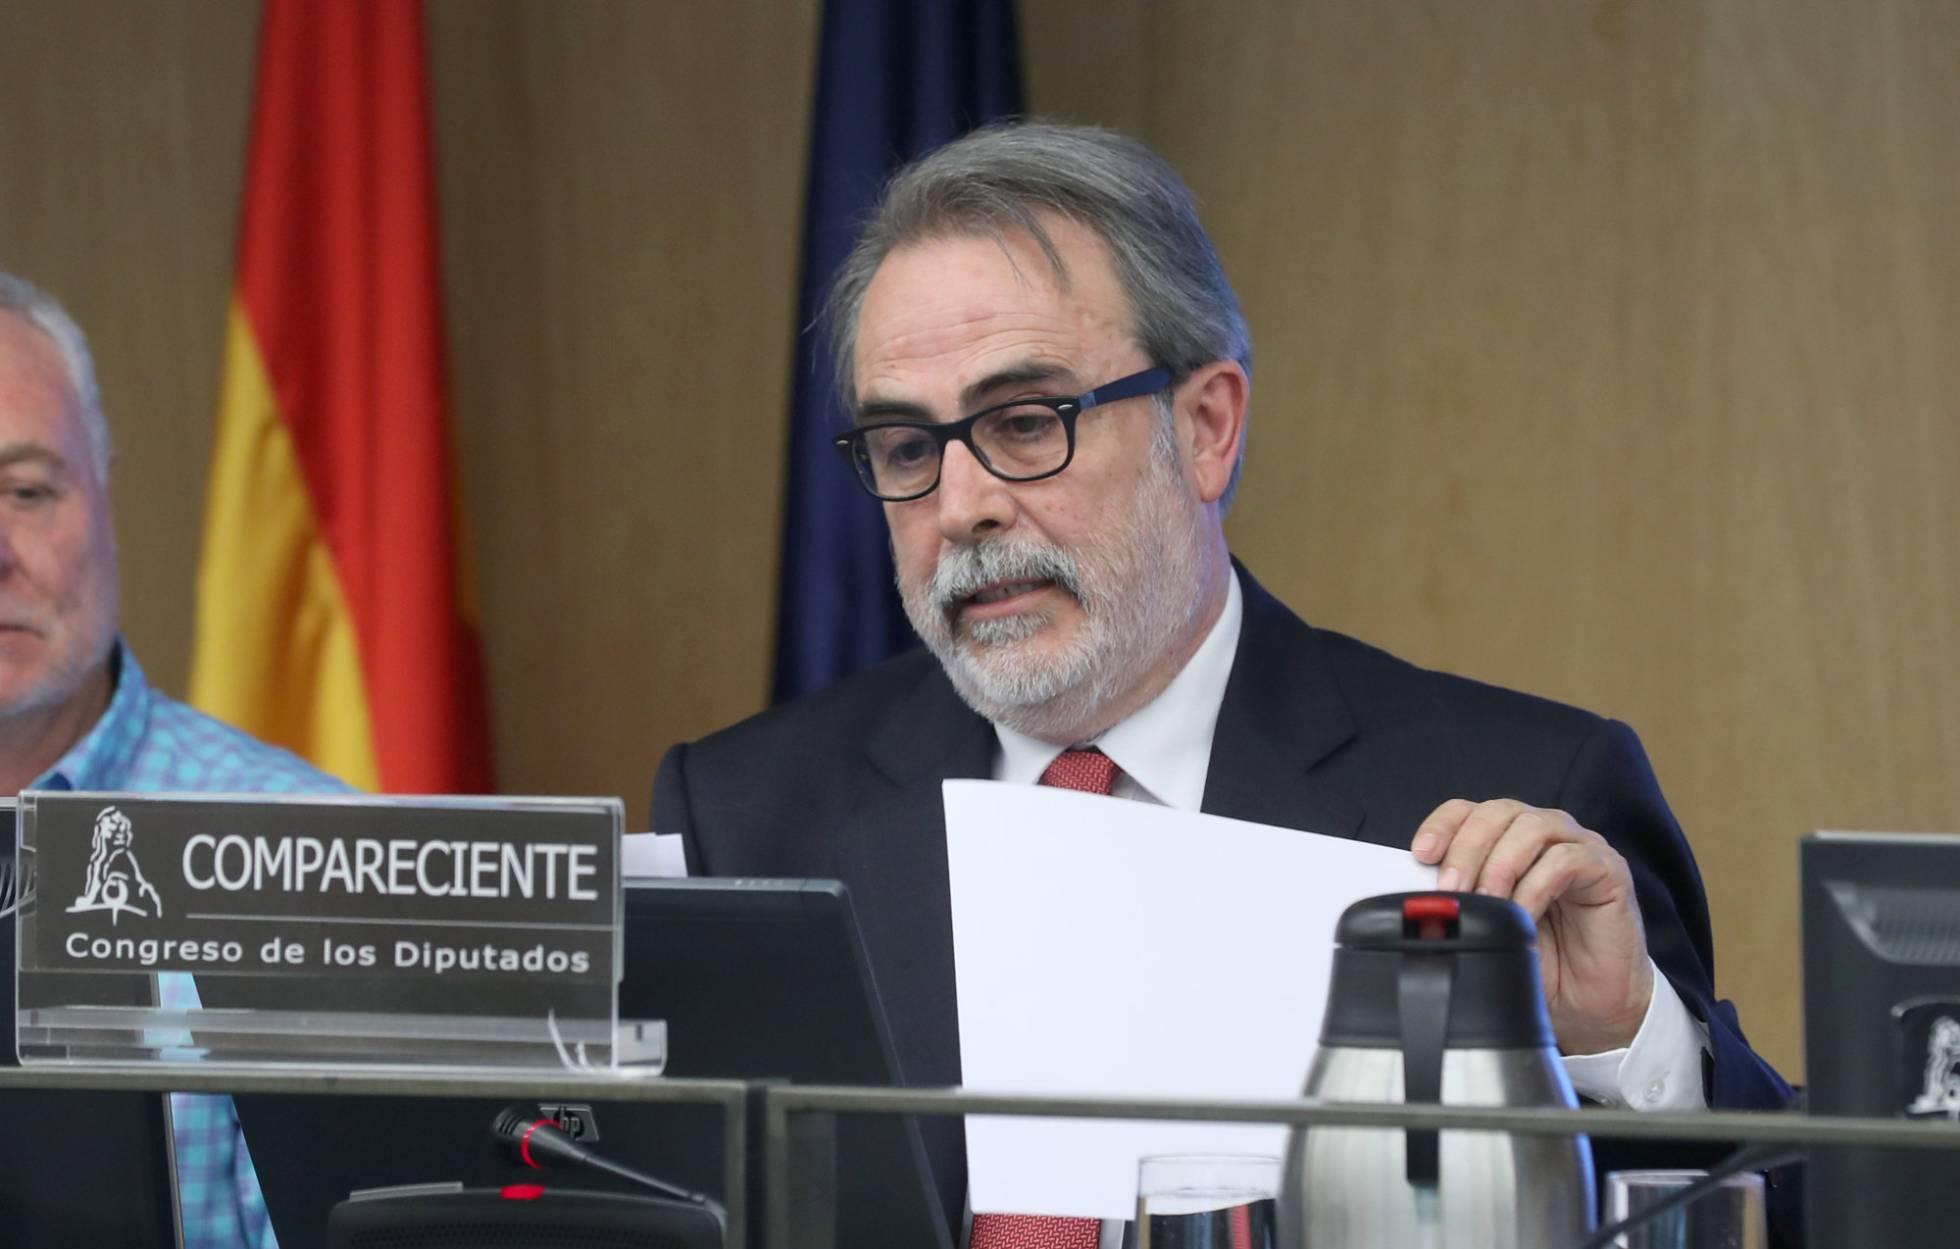 """El País: """"Los inspectores educativos reclaman más independencia del poder político para trabajar"""""""